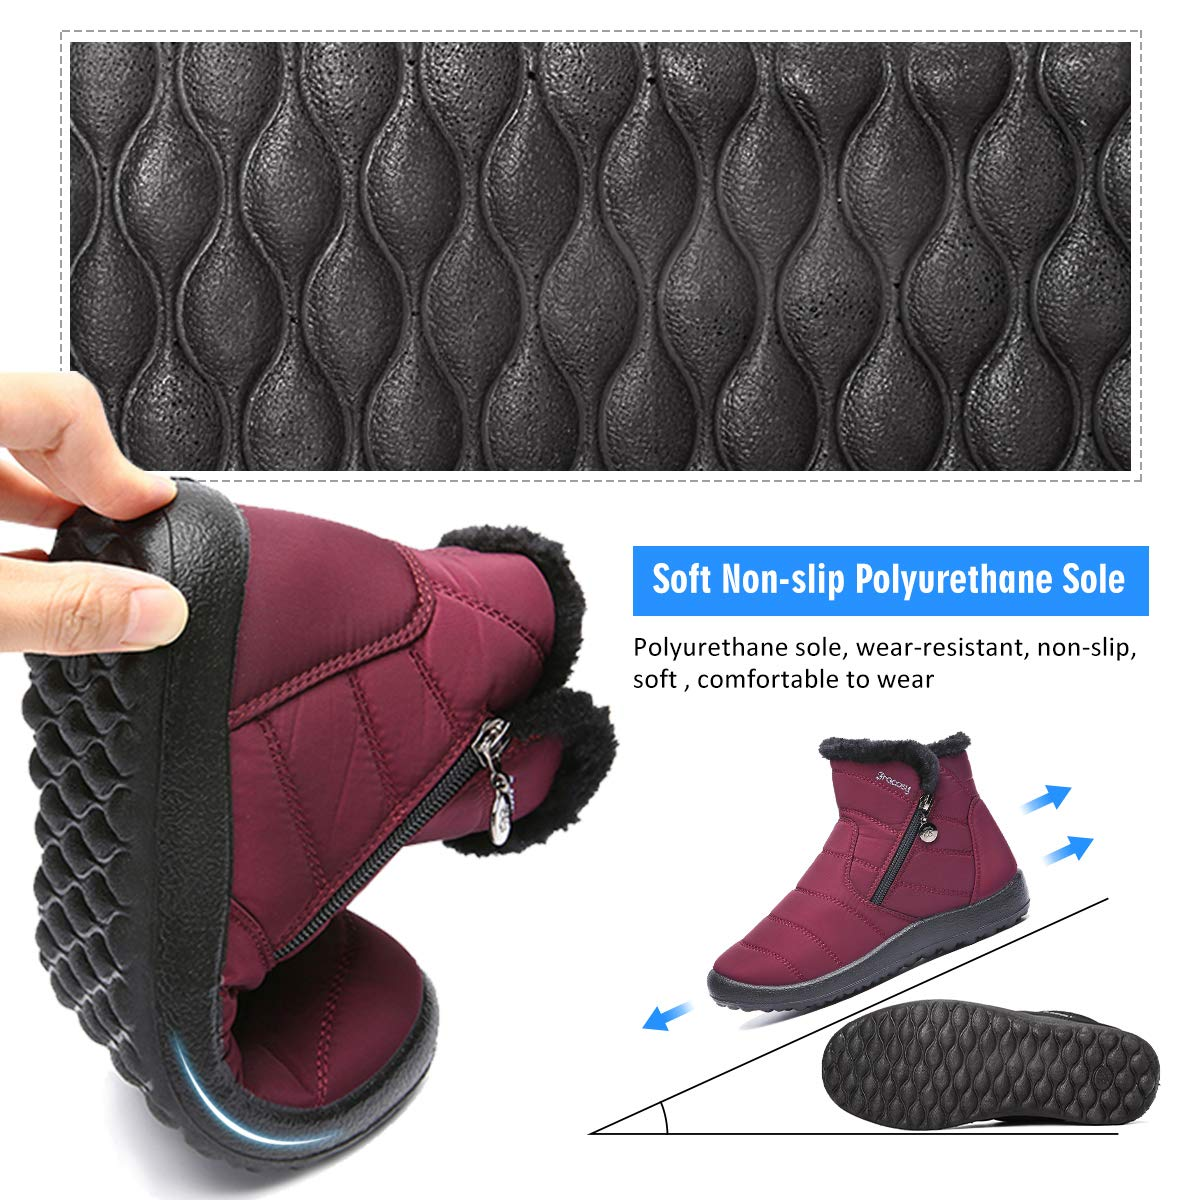 Chaussures Ville Hiver Bottines de Pluie Imperm/éable avec Fourrure /à Talons Plats Boots Int/érieur Fourr/ée Chaude Confortable Zipp/é Gracosy Bottes de Neige Femmes Filles Noir Rouge